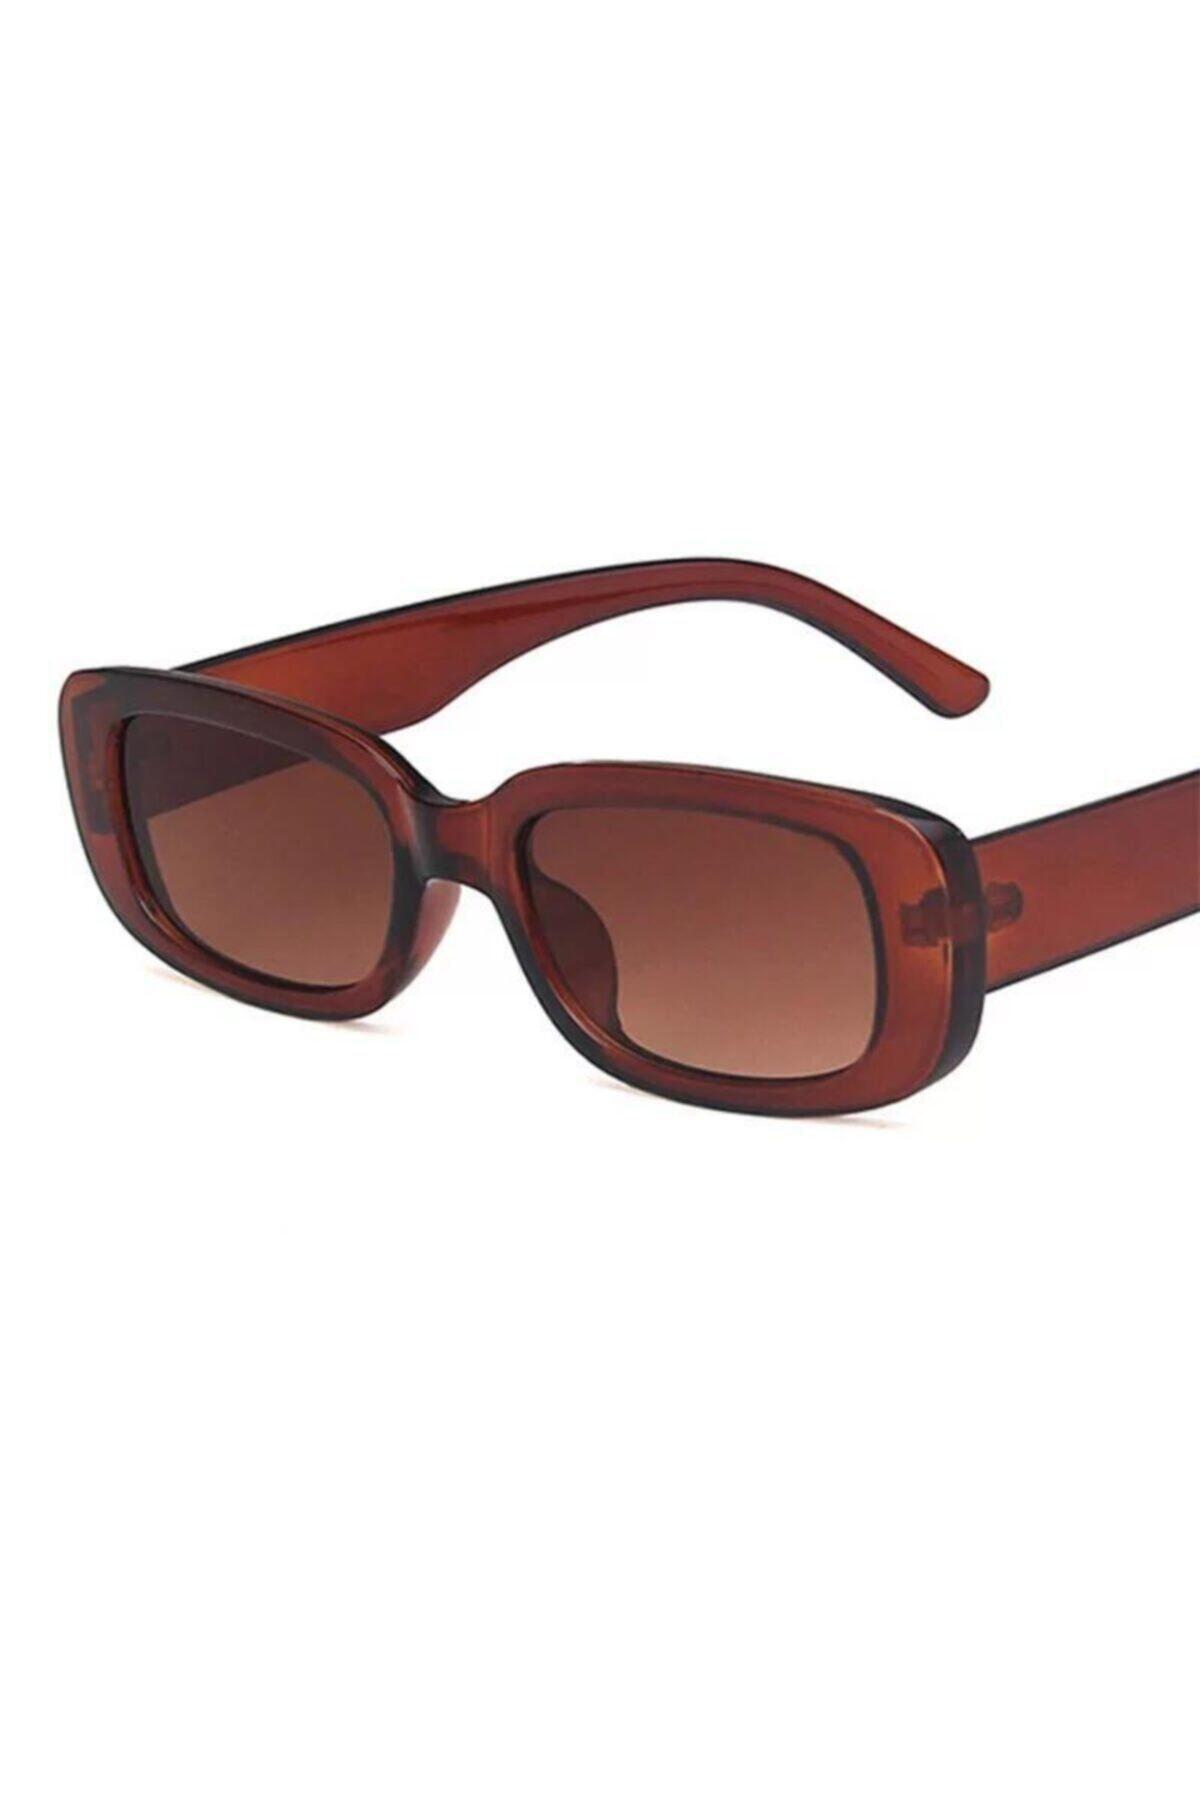 عینک آفتابی مردانه ارزان برند LOOKUP رنگ قهوه ای کد ty86956029